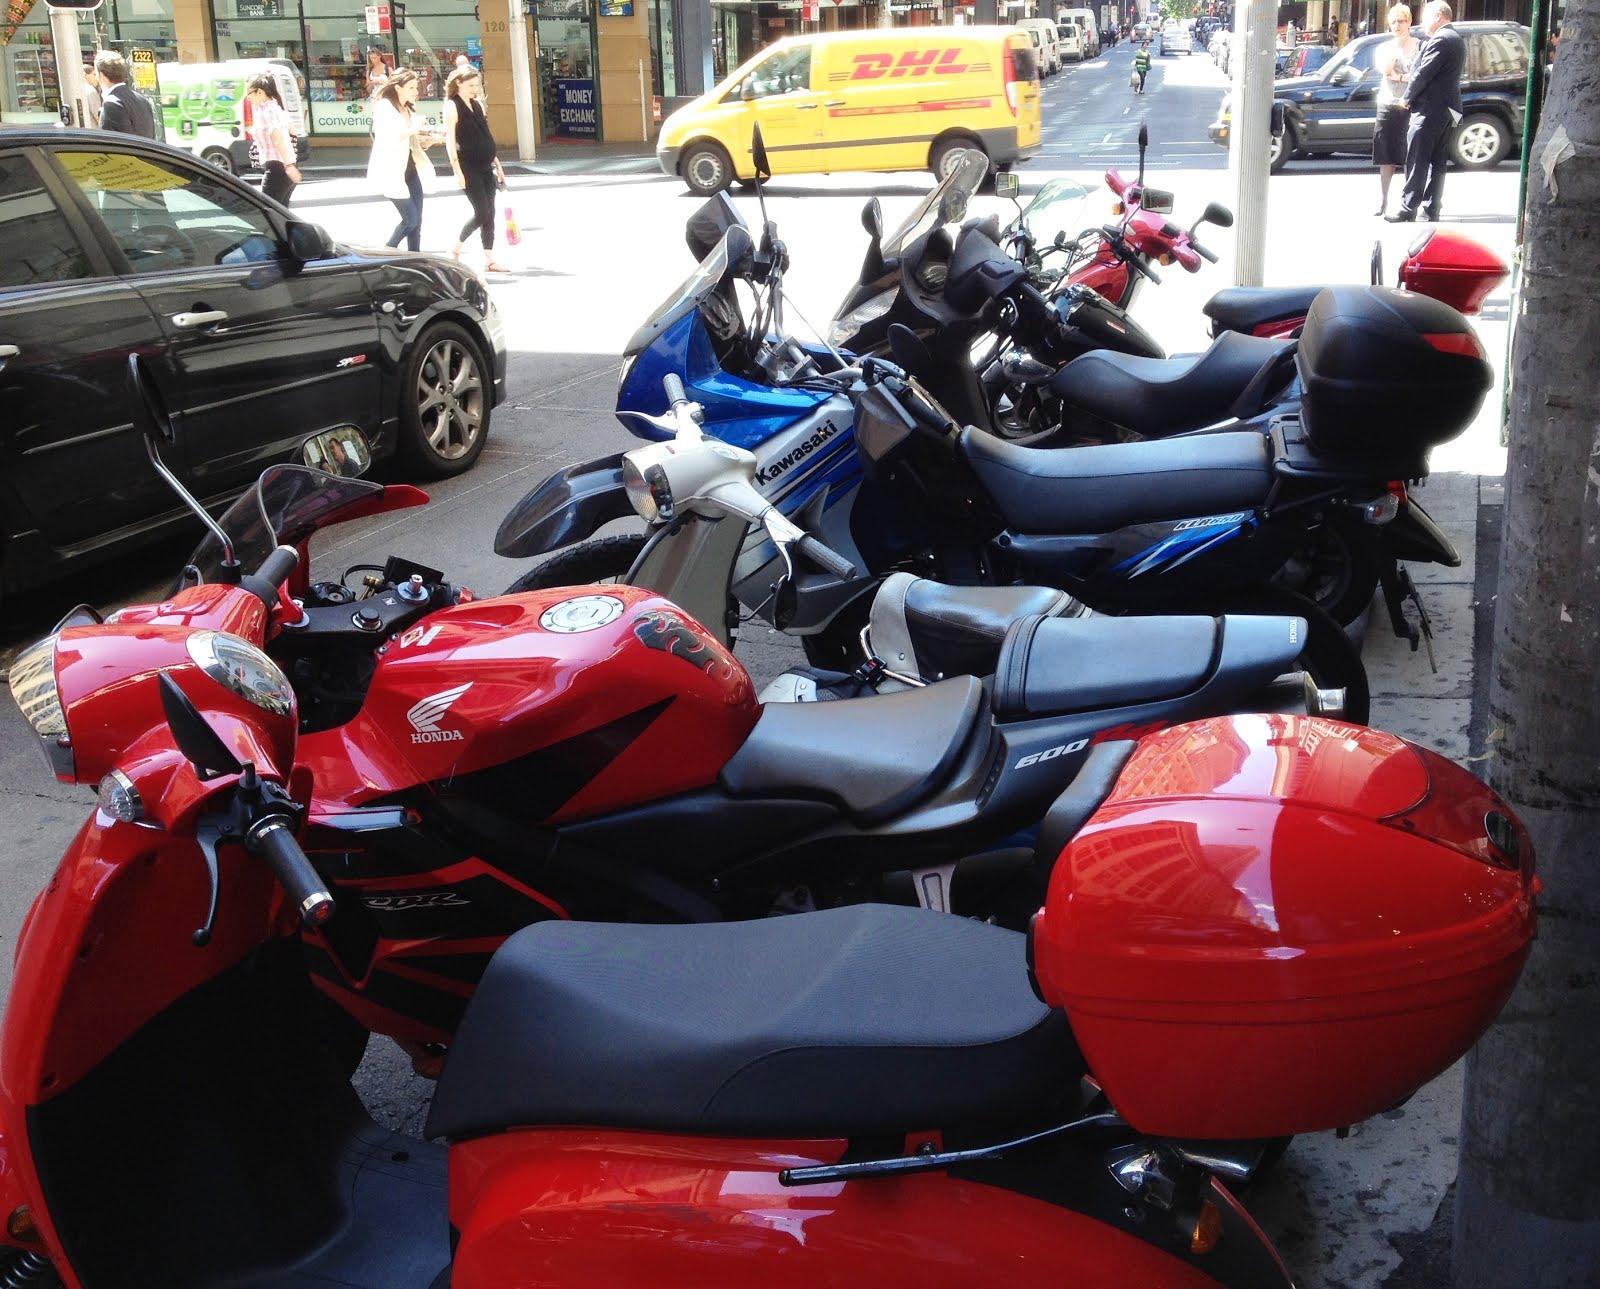 344ebe88e1e70 Geralmente em uma quadra no centro da cidade nós vemos uns 5-6 carros  estacionados